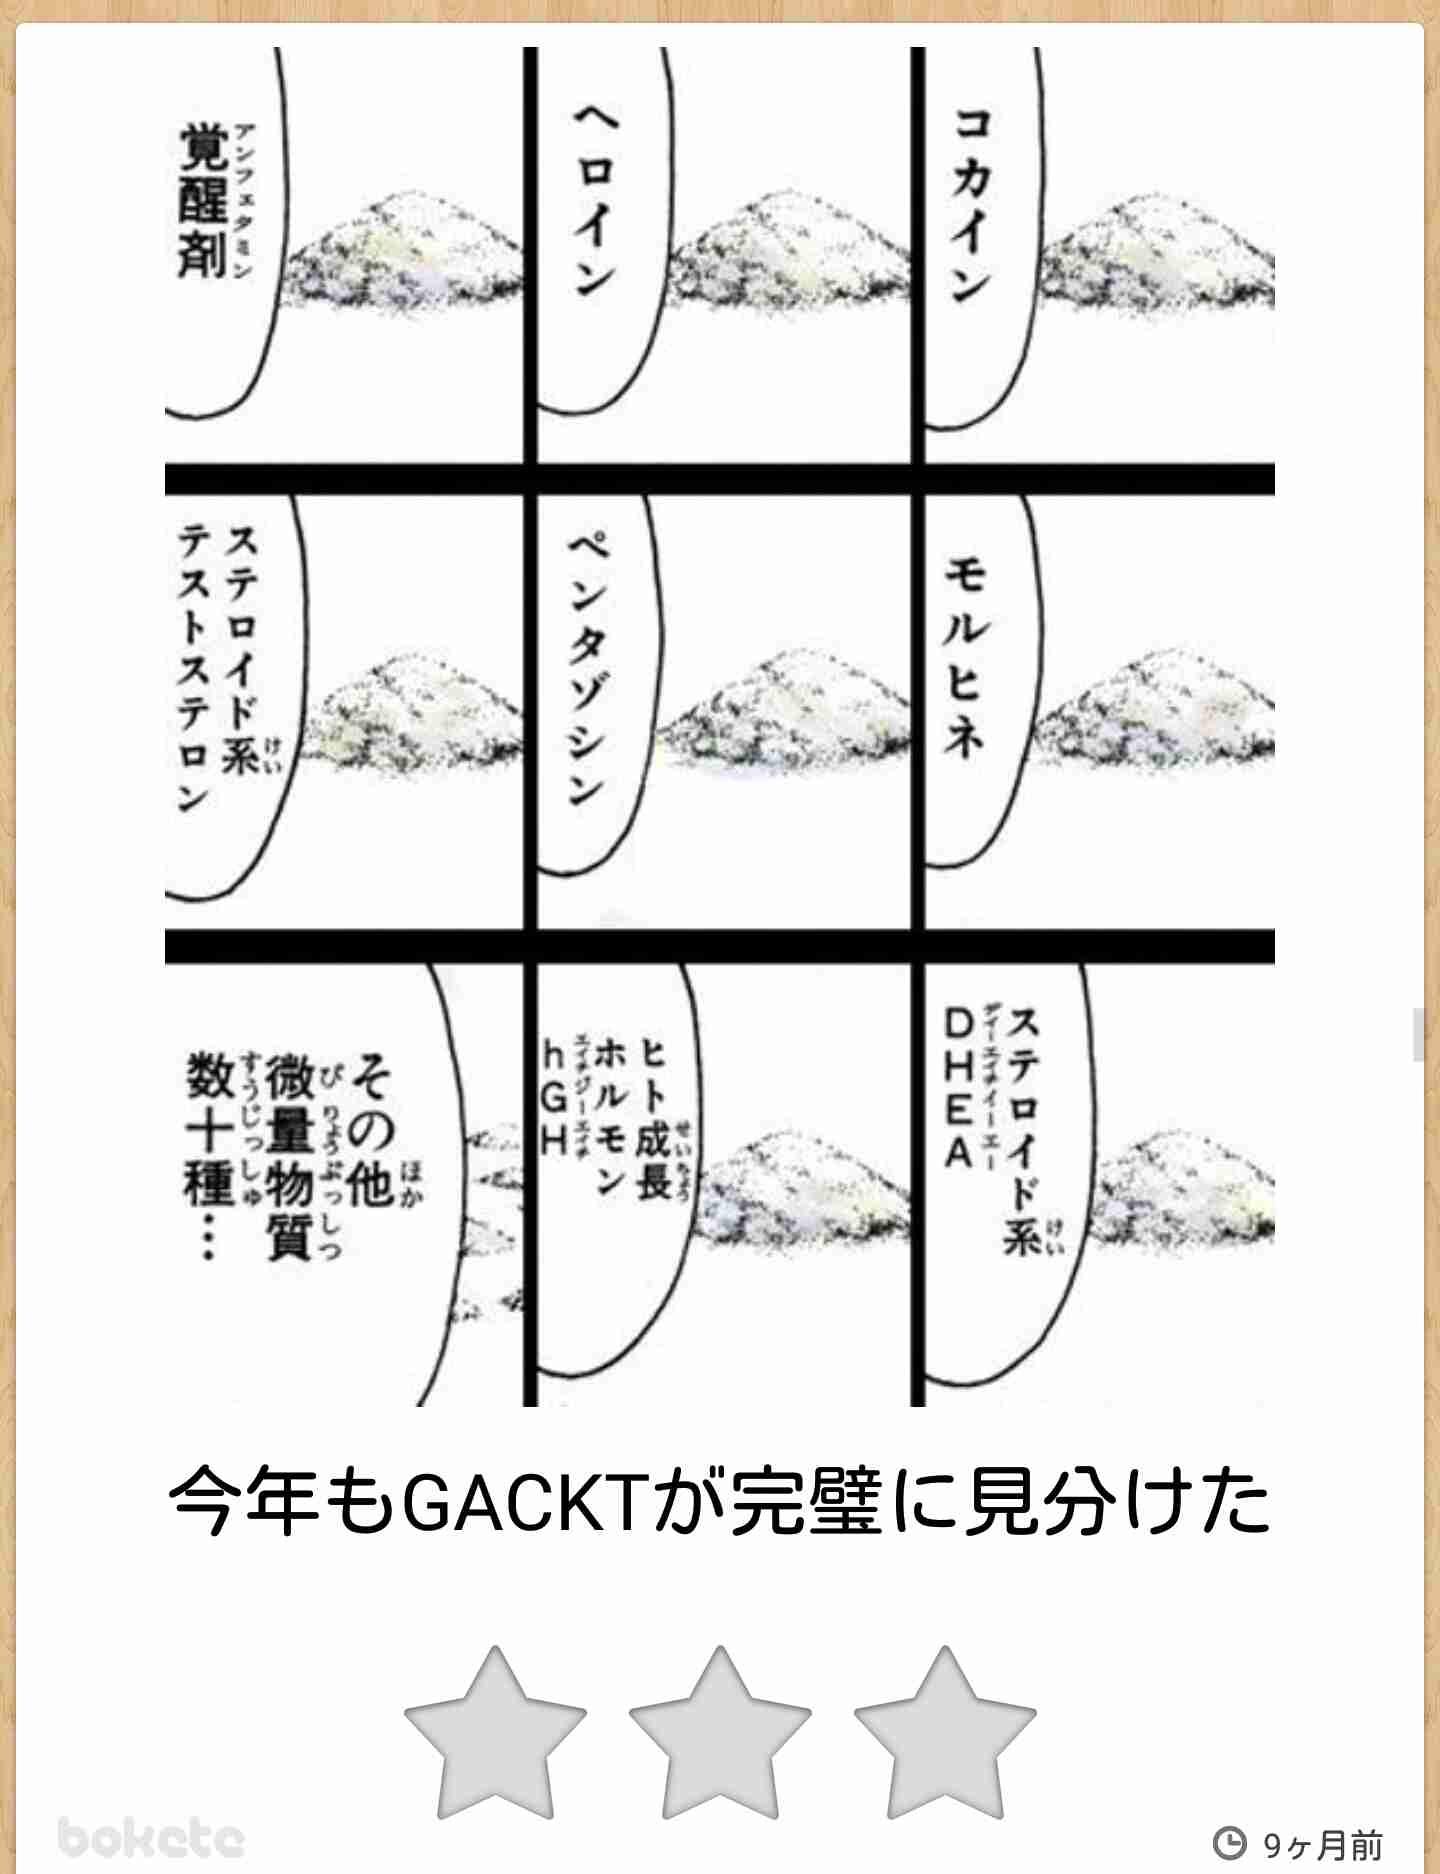 GACKTが4年ぶりにパン食べる、米は20年食べず